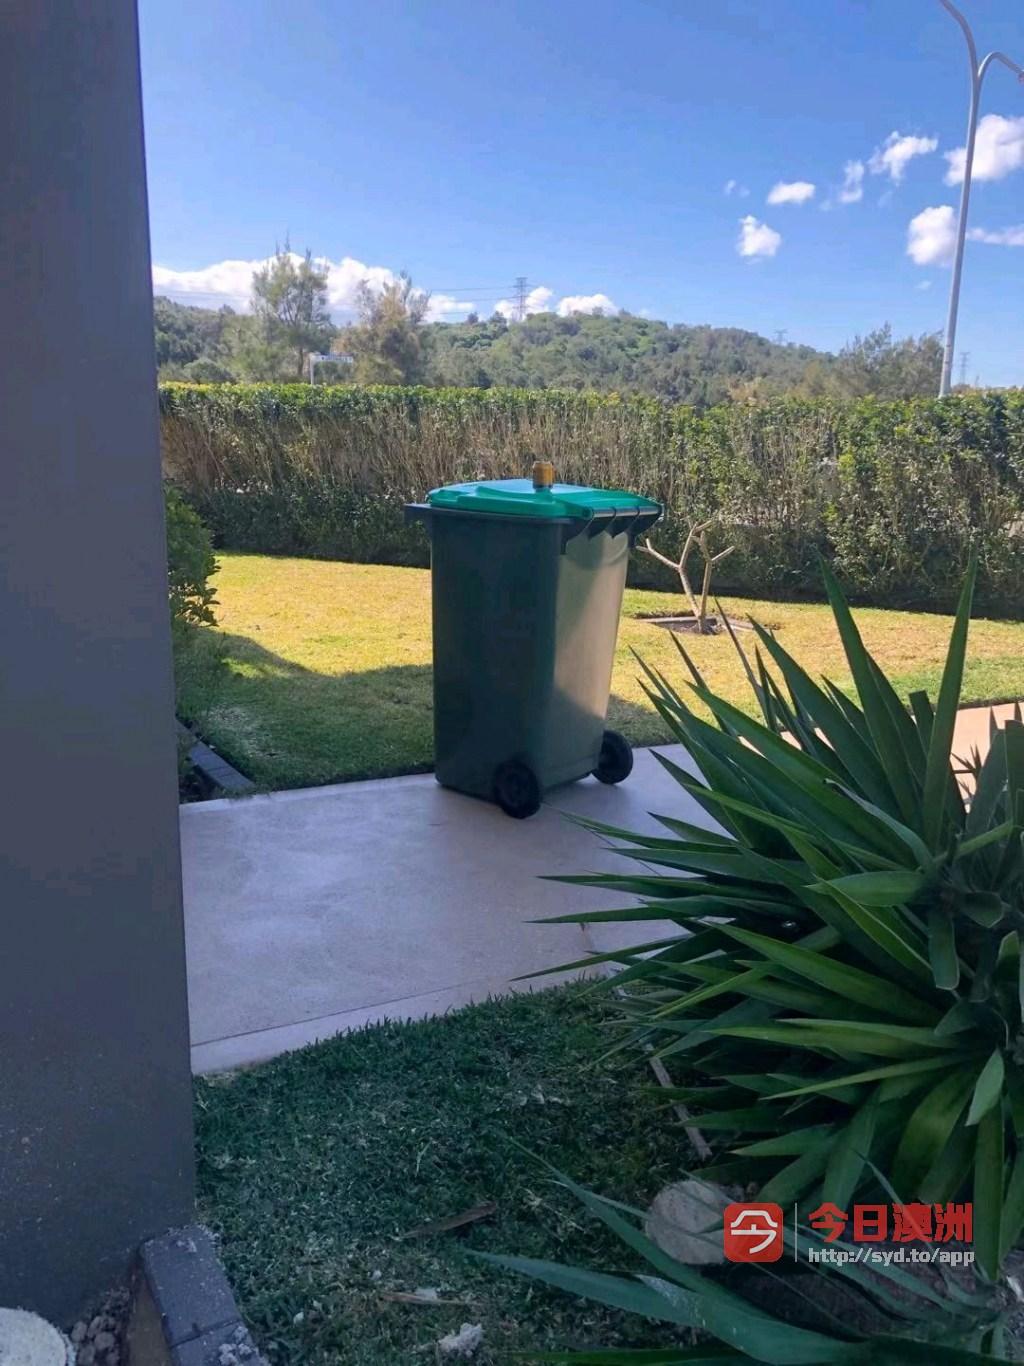 花园修剪整理设计施工专业围栏rence凉棚专业铺设真假草坪花园园艺割草